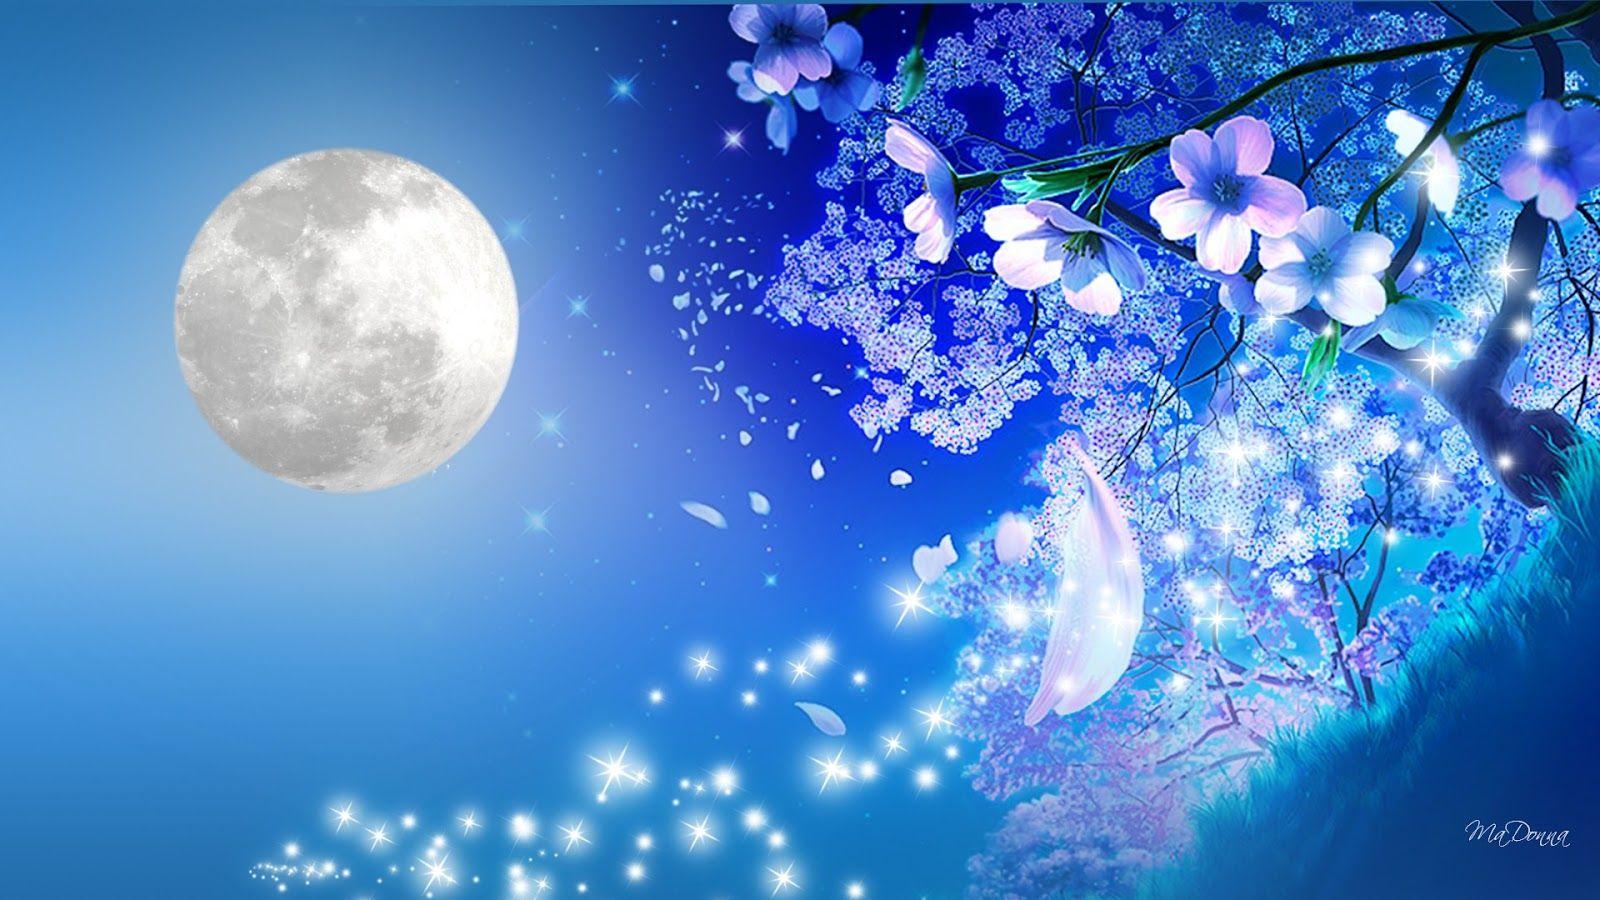 Resultado de imagen para cielo de noche estrellas hd